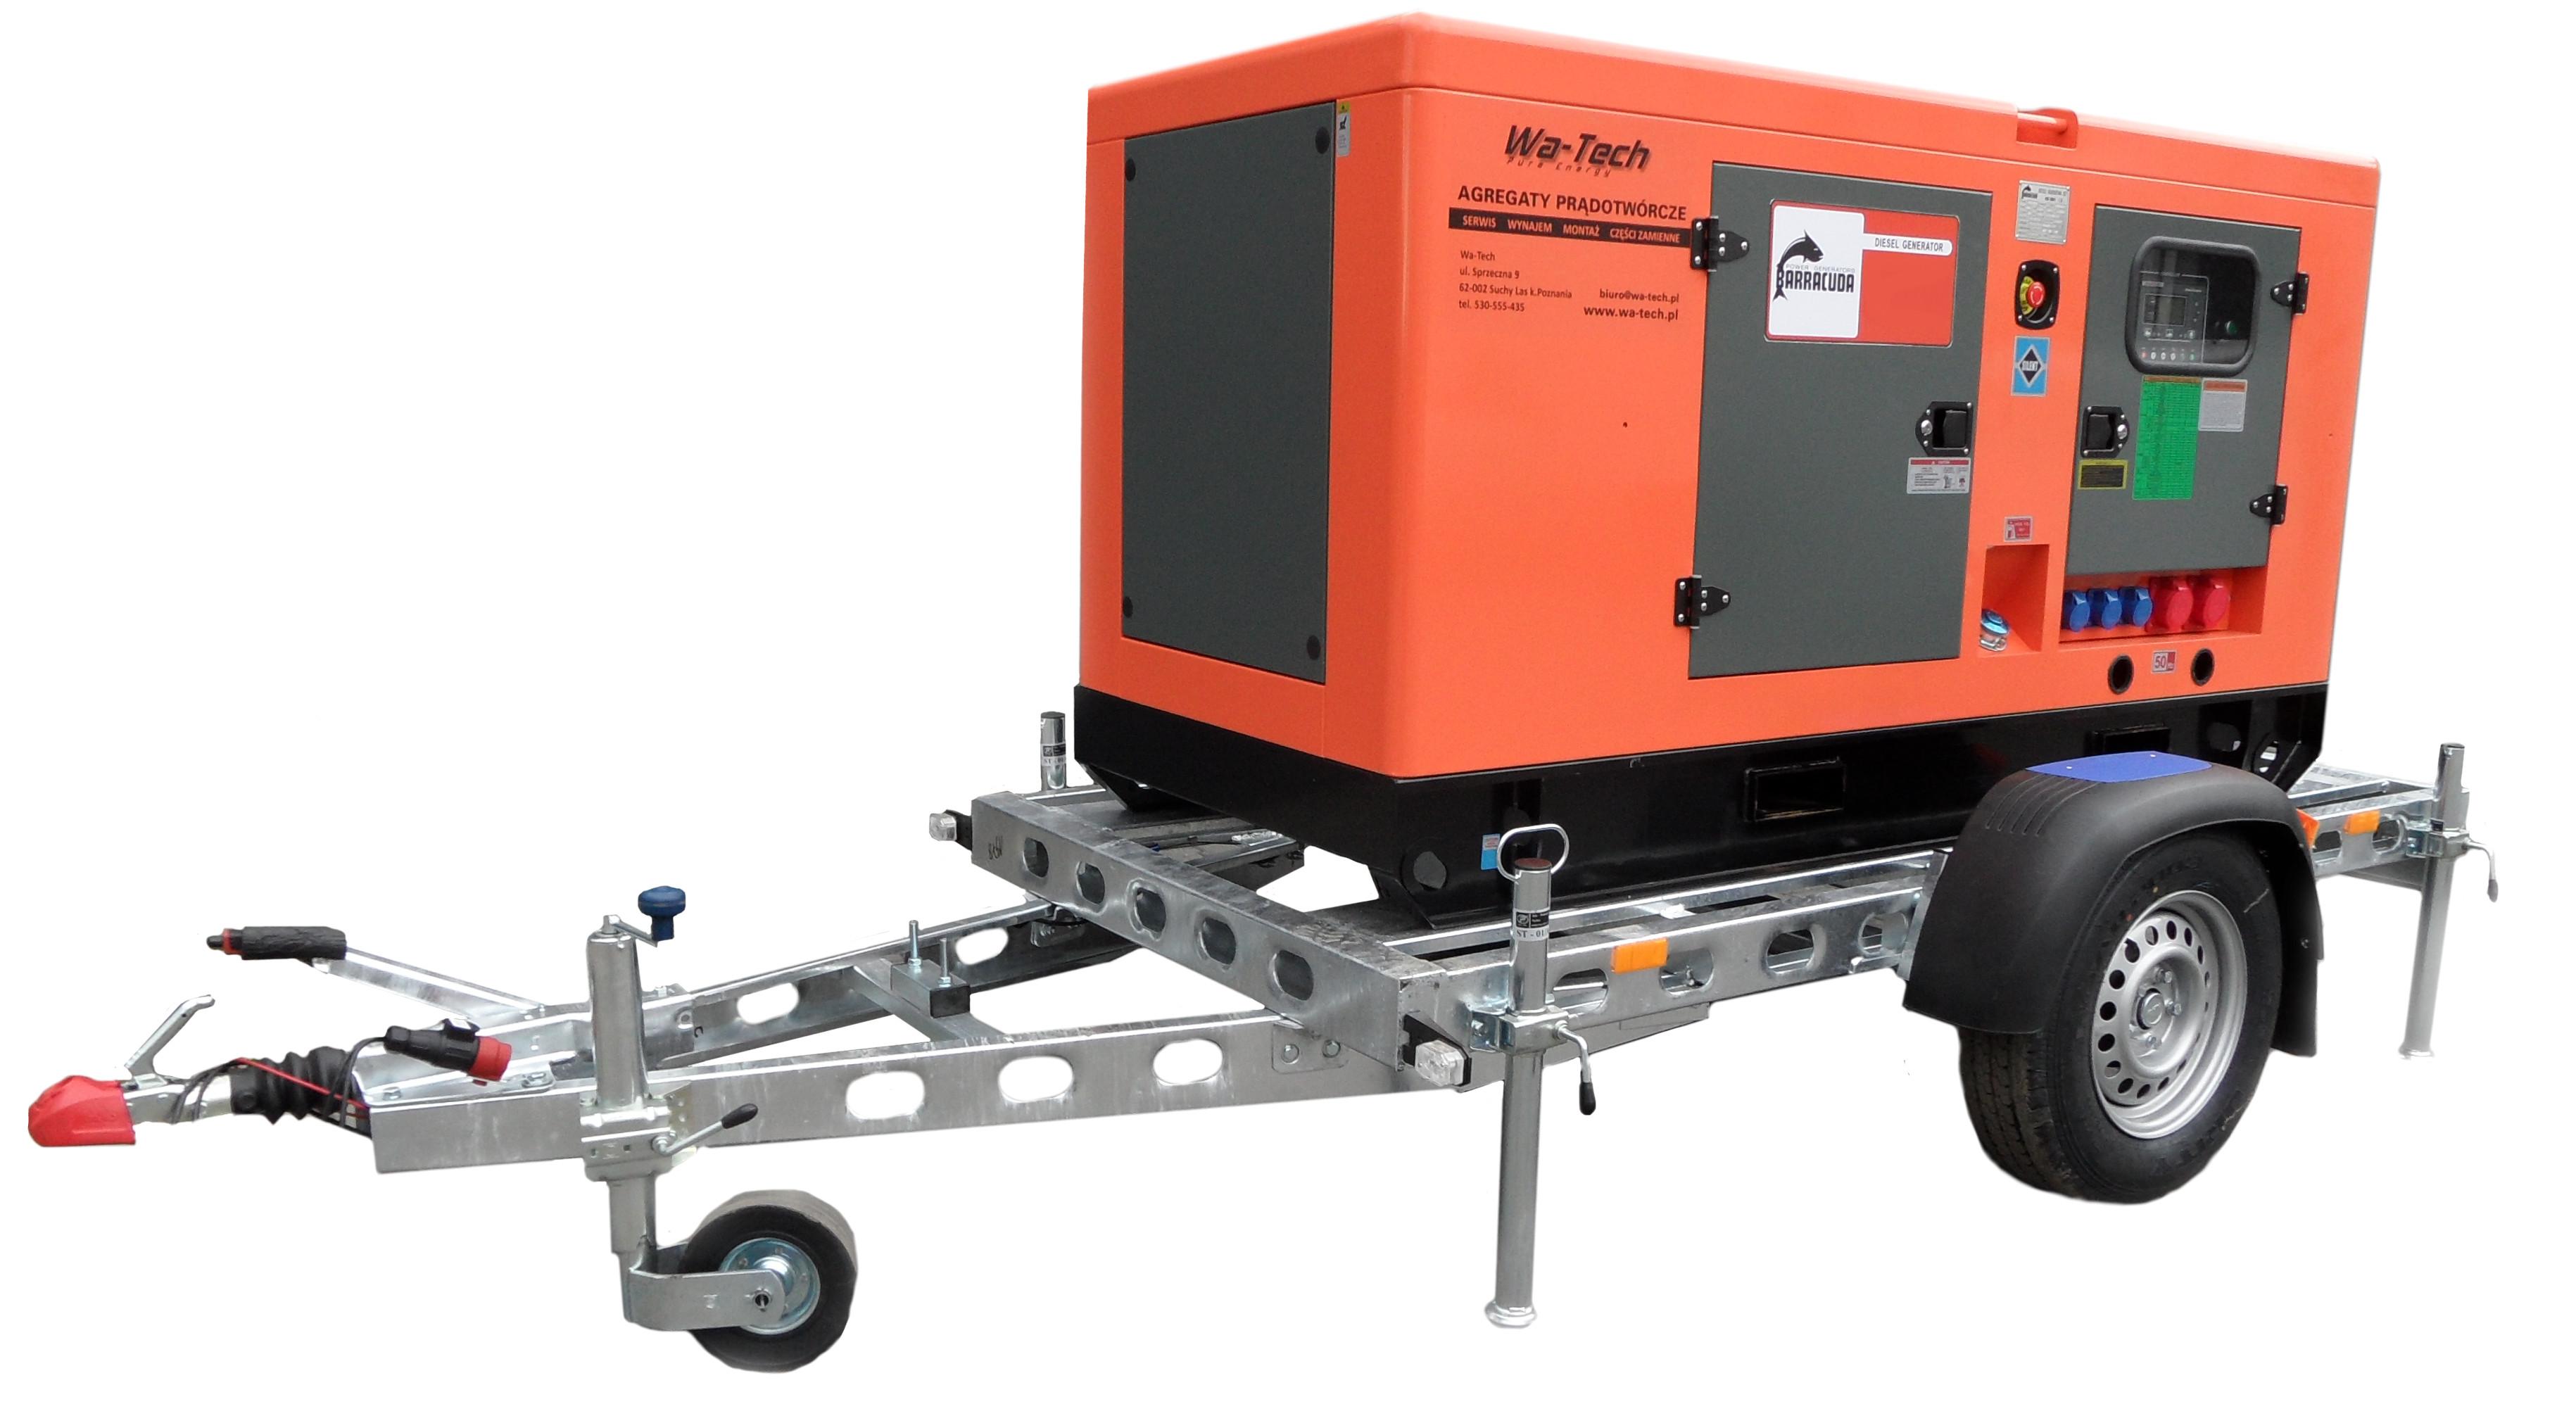 Genialny Agregat Diesel 40kW / 50kVA • Agregat prądotwórczy 40 kw | Wa-Tech OG82